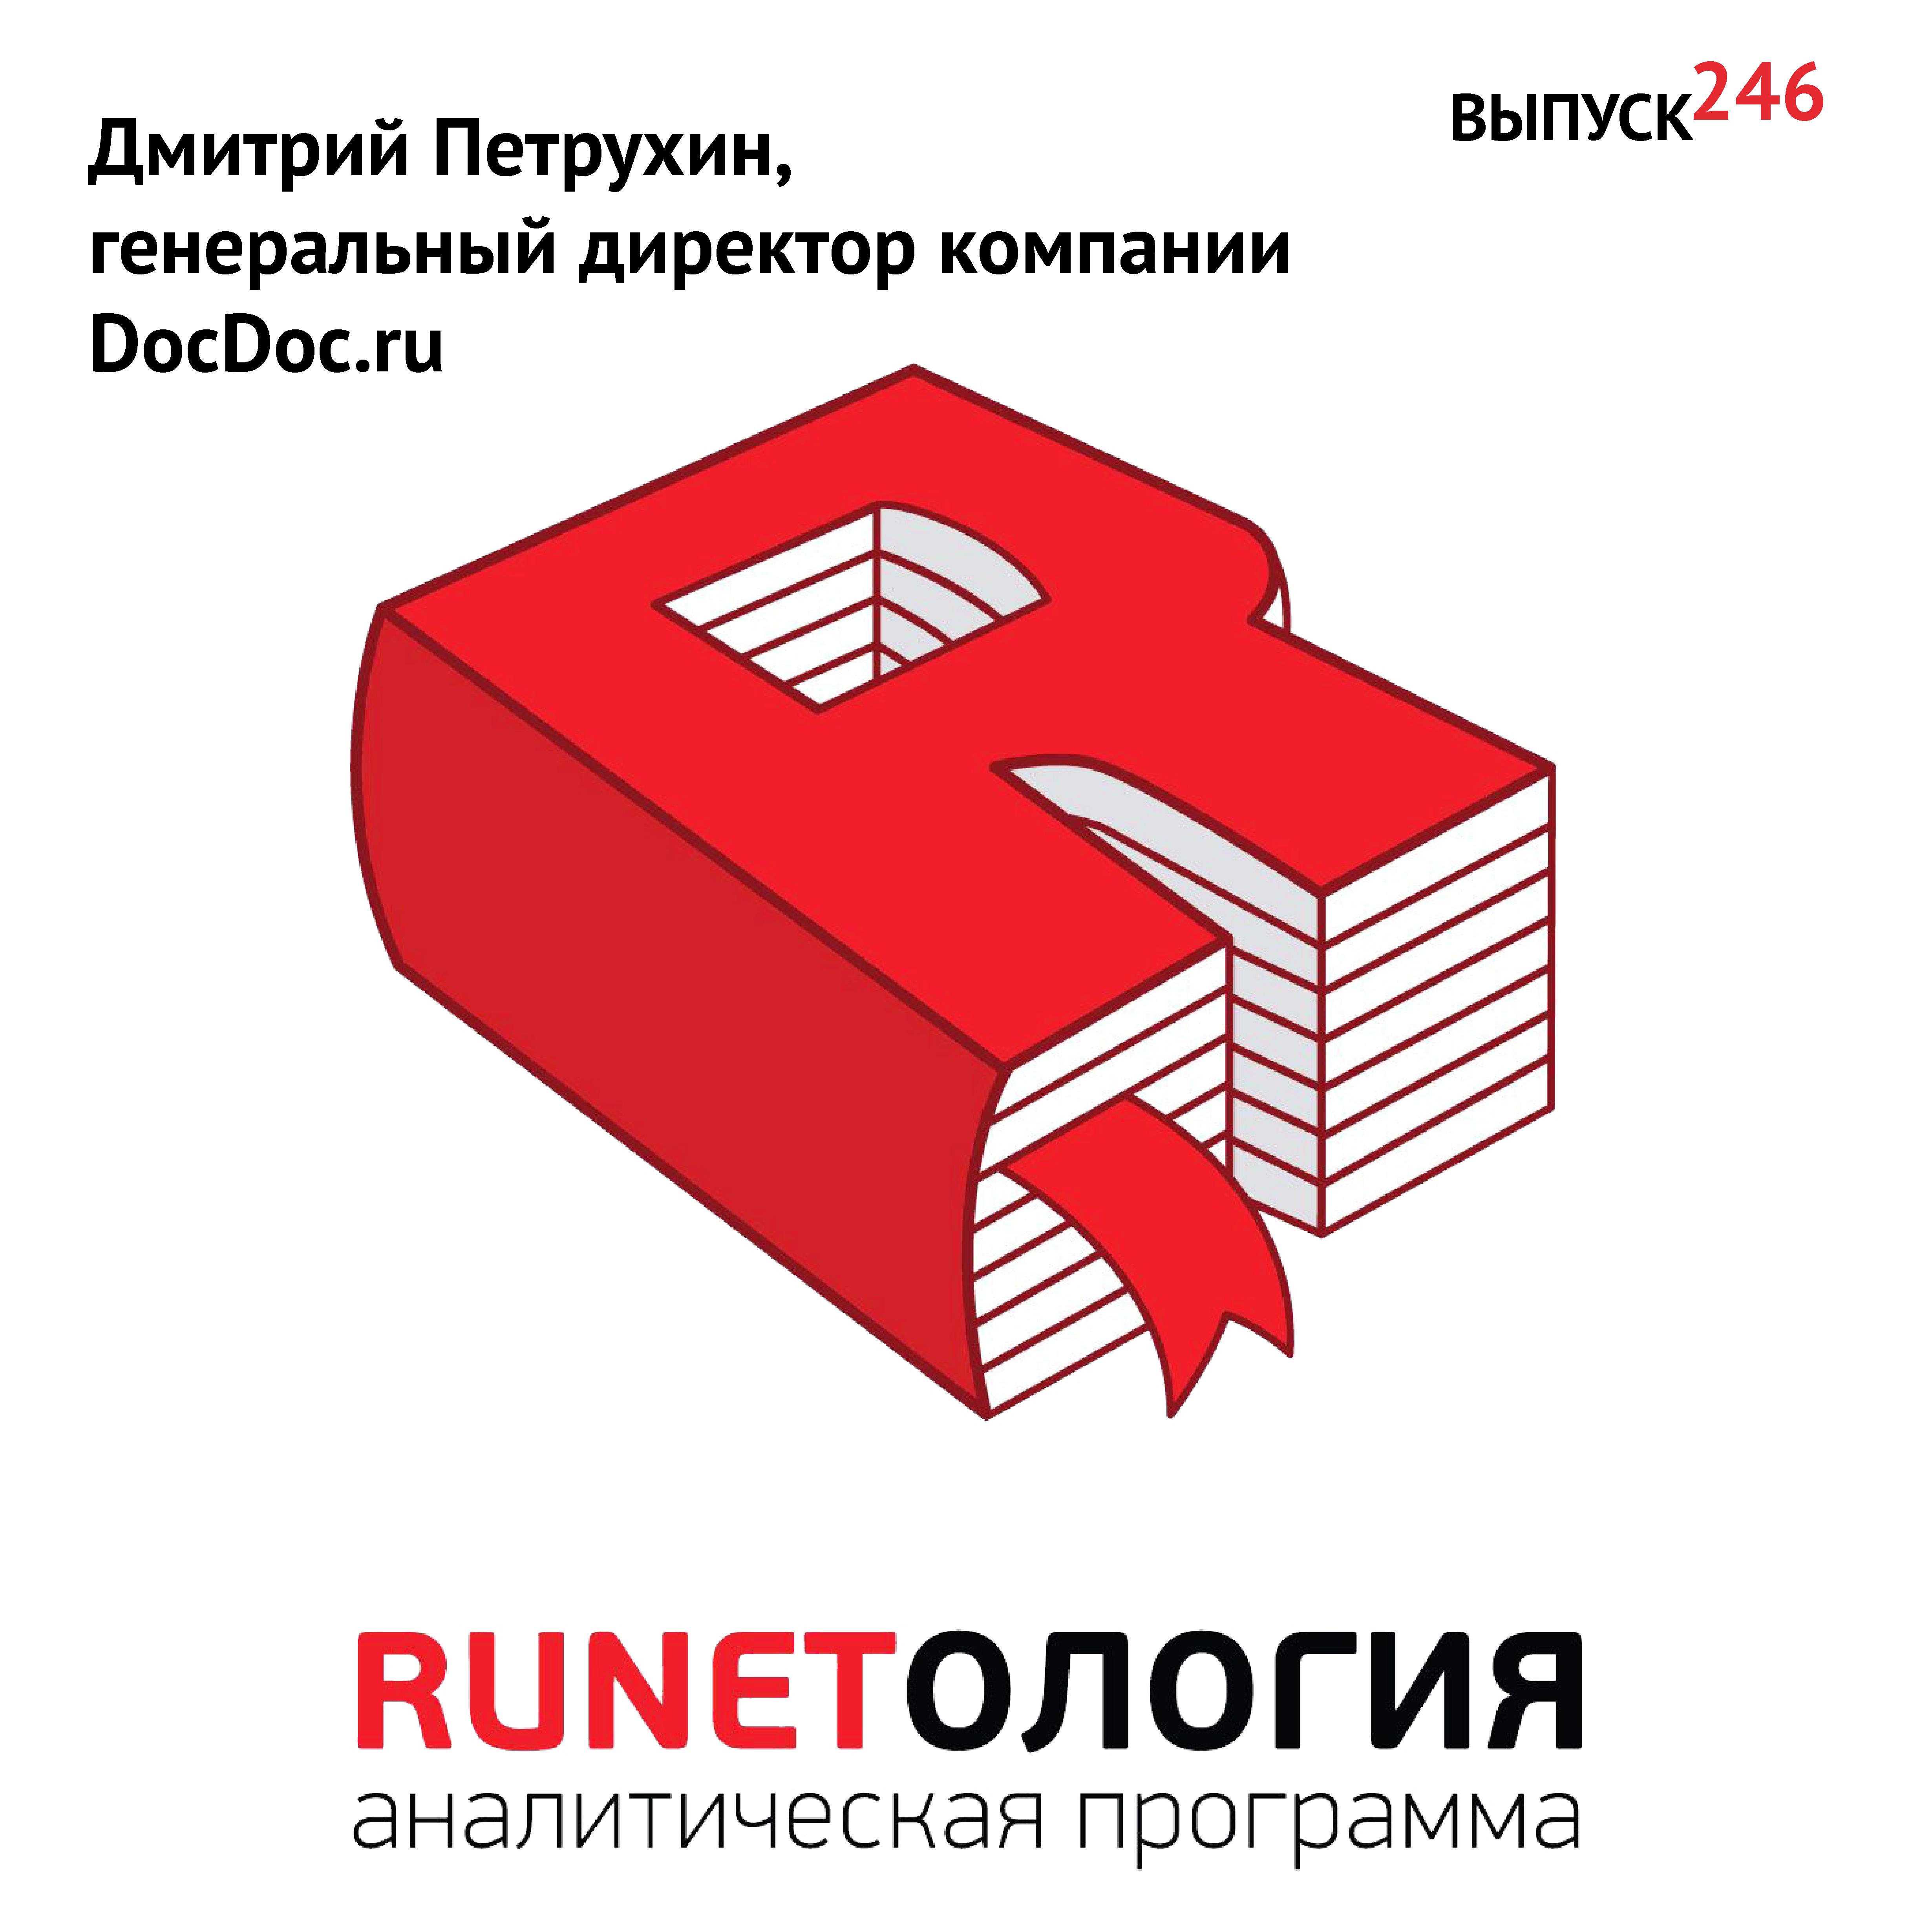 Максим Спиридонов Дмитрий Петрухин, генеральный директор компании DocDoc.ru